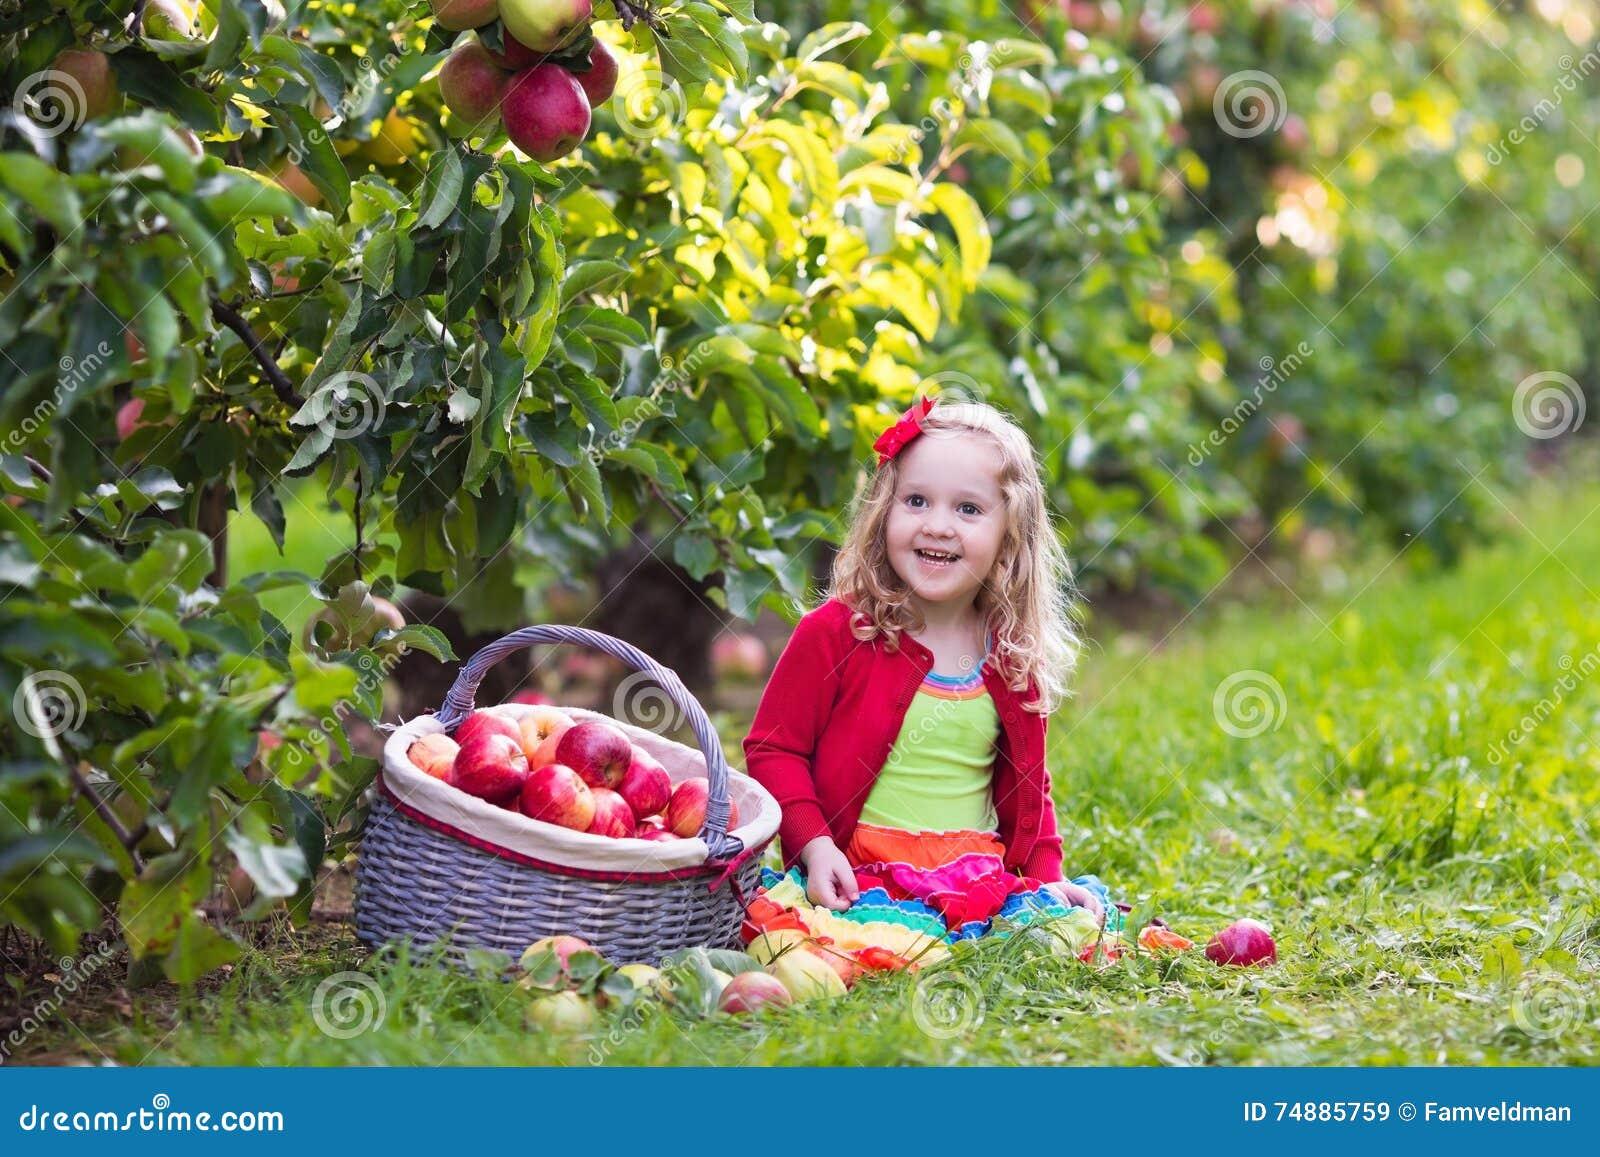 Manzanas de la cosecha de la niña del árbol en una huerta de fruta